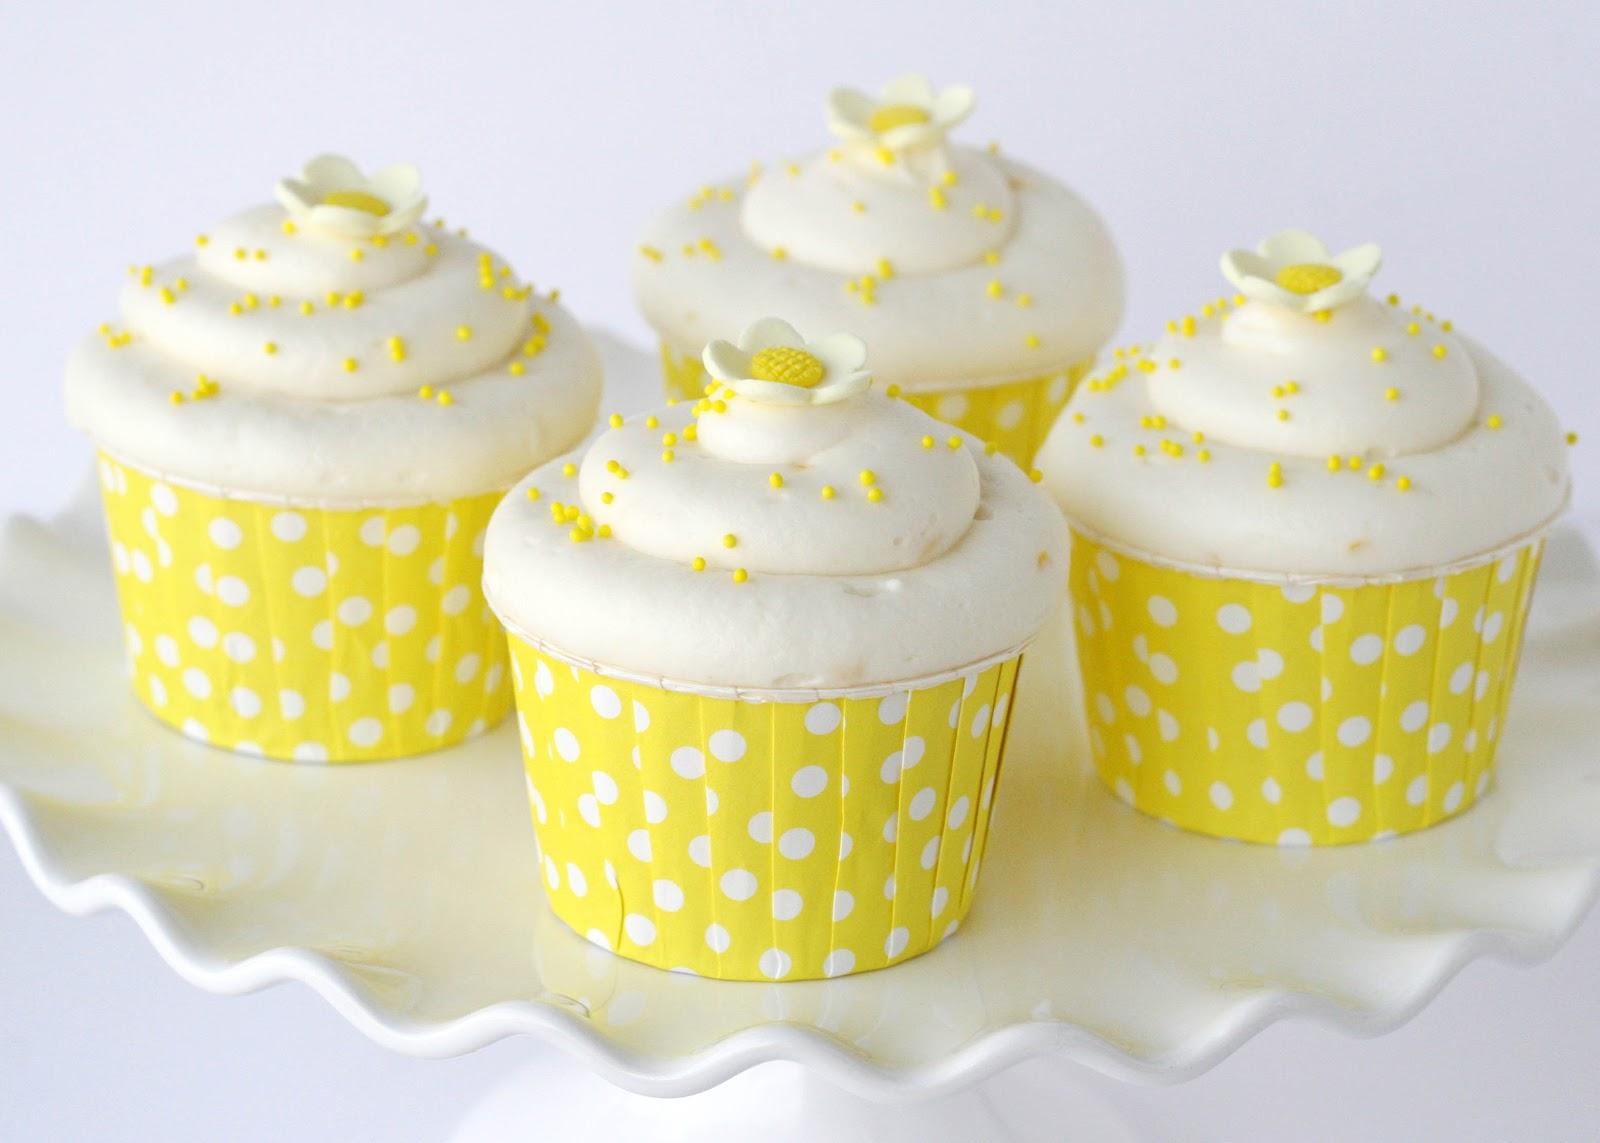 National Cupcake/Lemon Cupcake Day